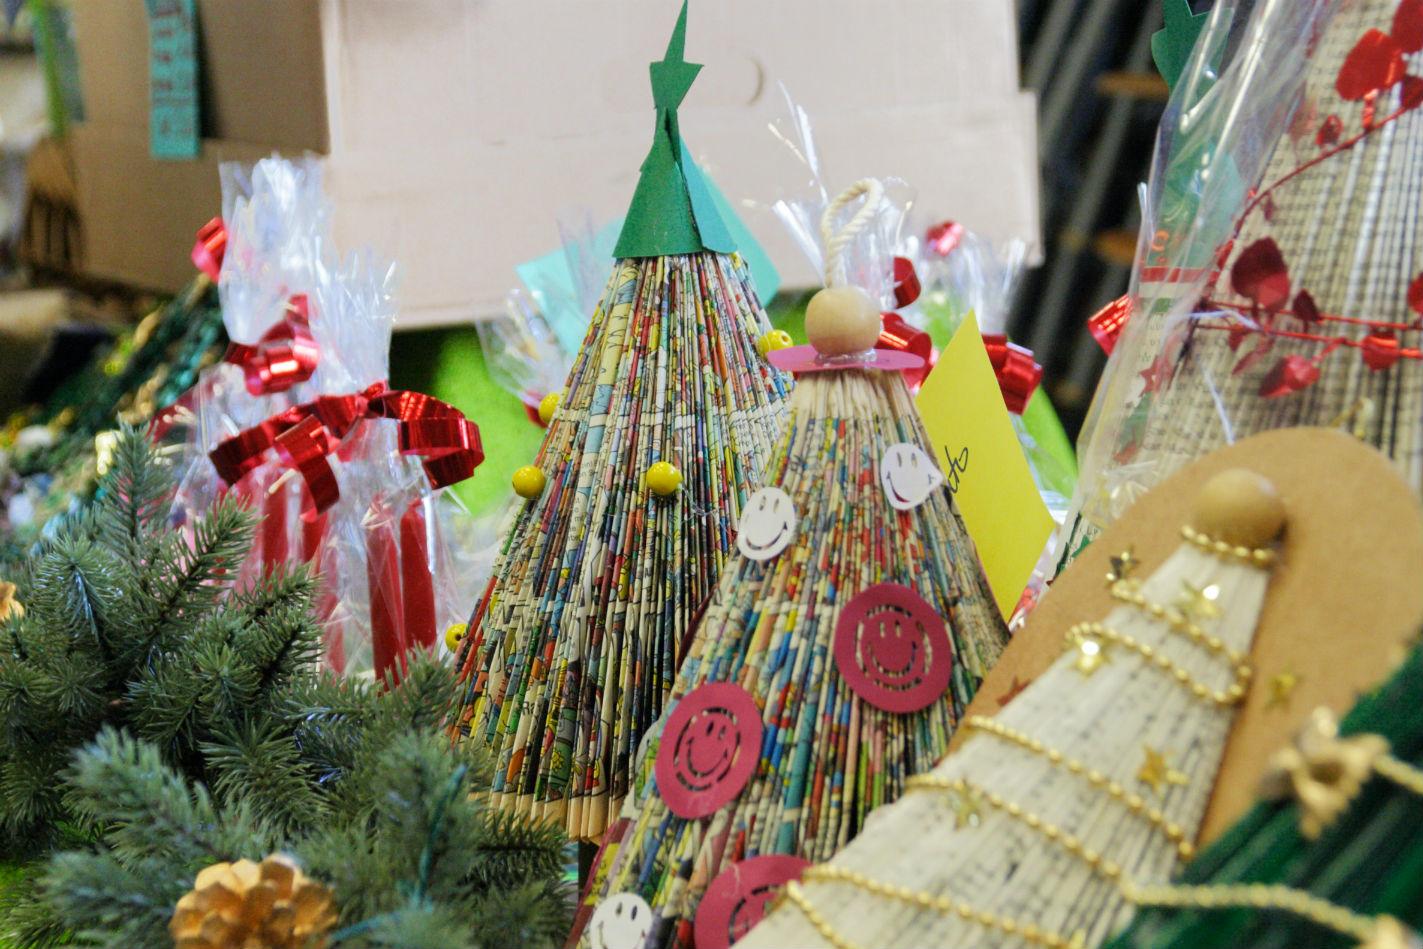 Mercatino della scuola decorazioni natalizie in materiale riciclato 11